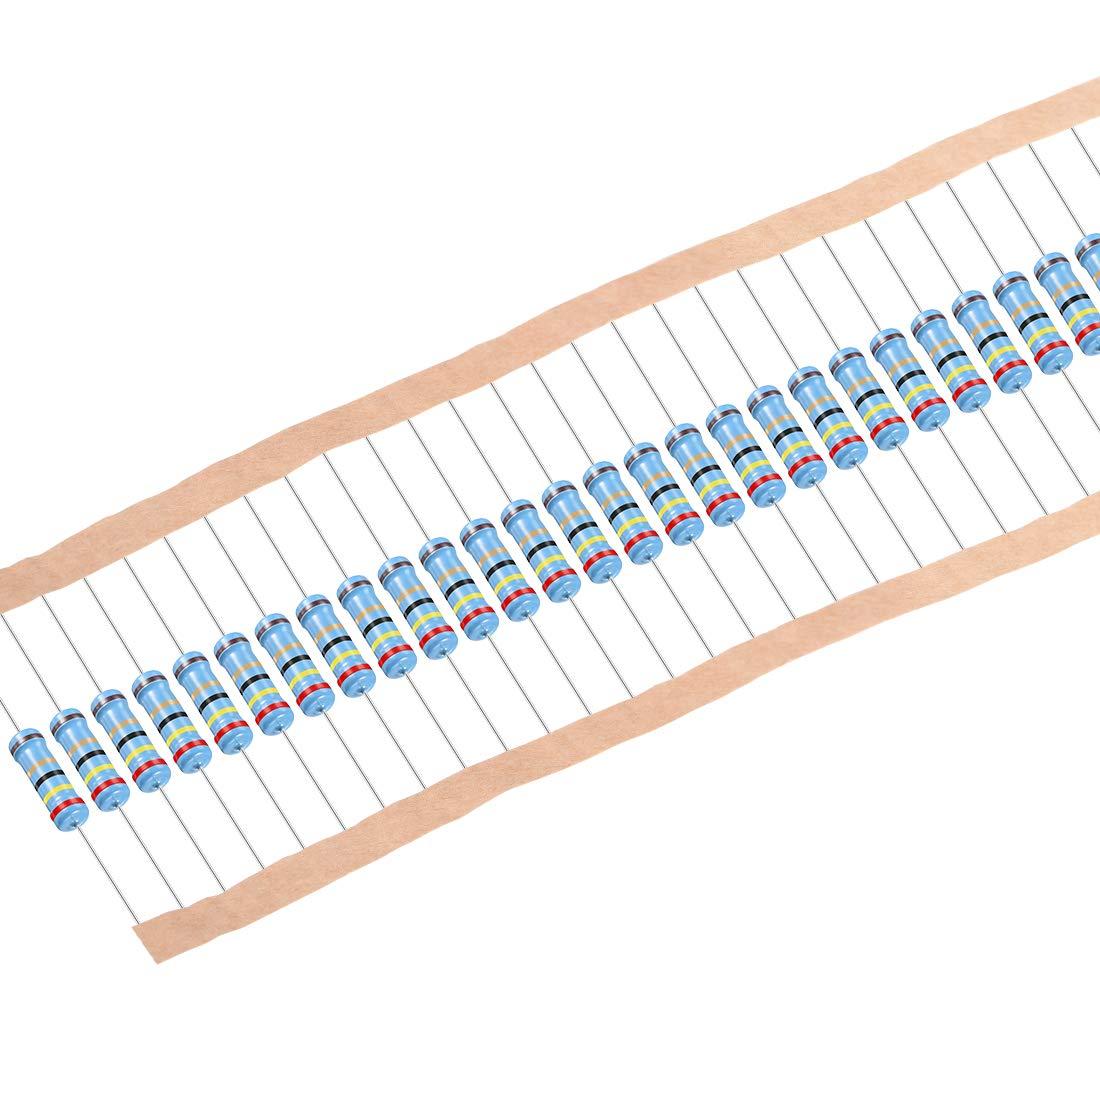 sourcing map 30 stk Metall Filmwiderst/ände 220 Ohm 1W 1/% Toleranzen 5 Farbe B/änder